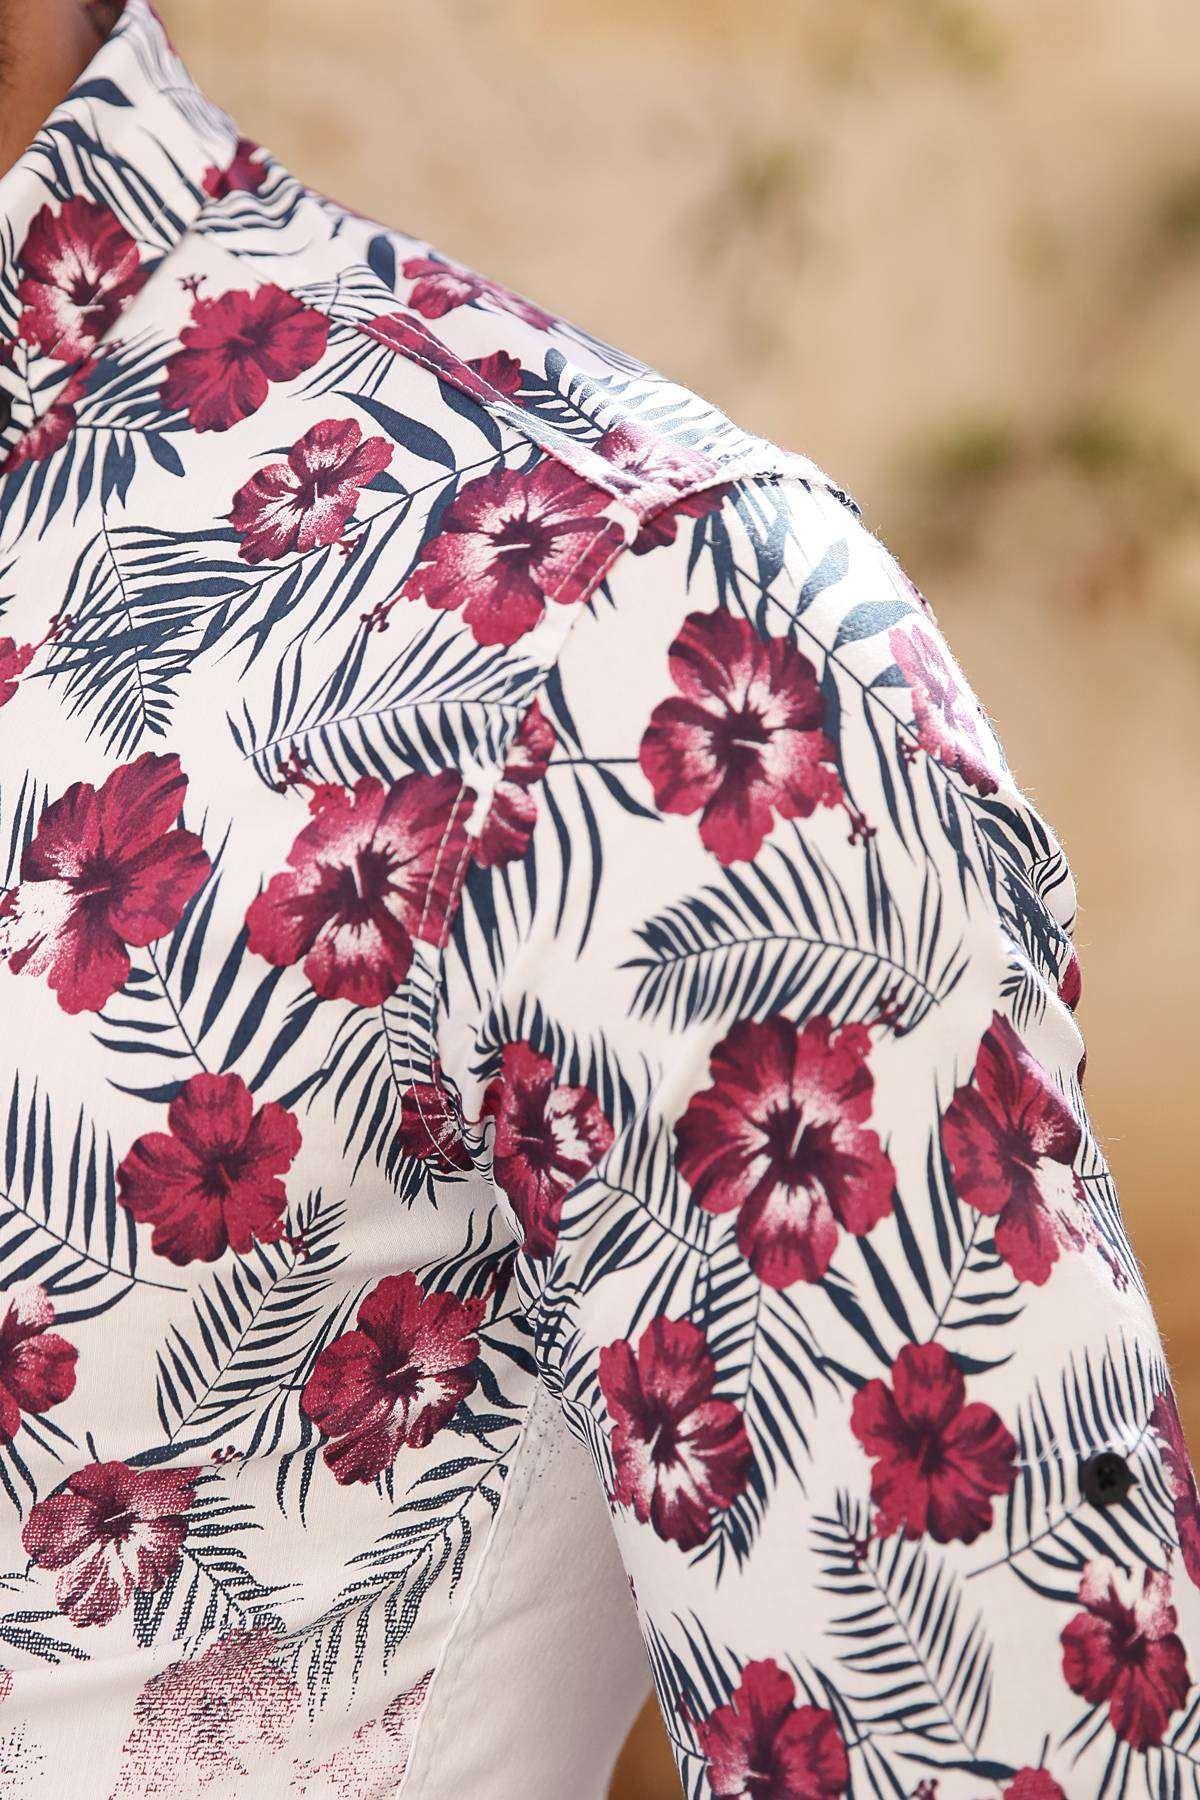 Üstü 5 Yaprak Çiçek Desenli Slim Fit Gömlek Beyaz-Bordo